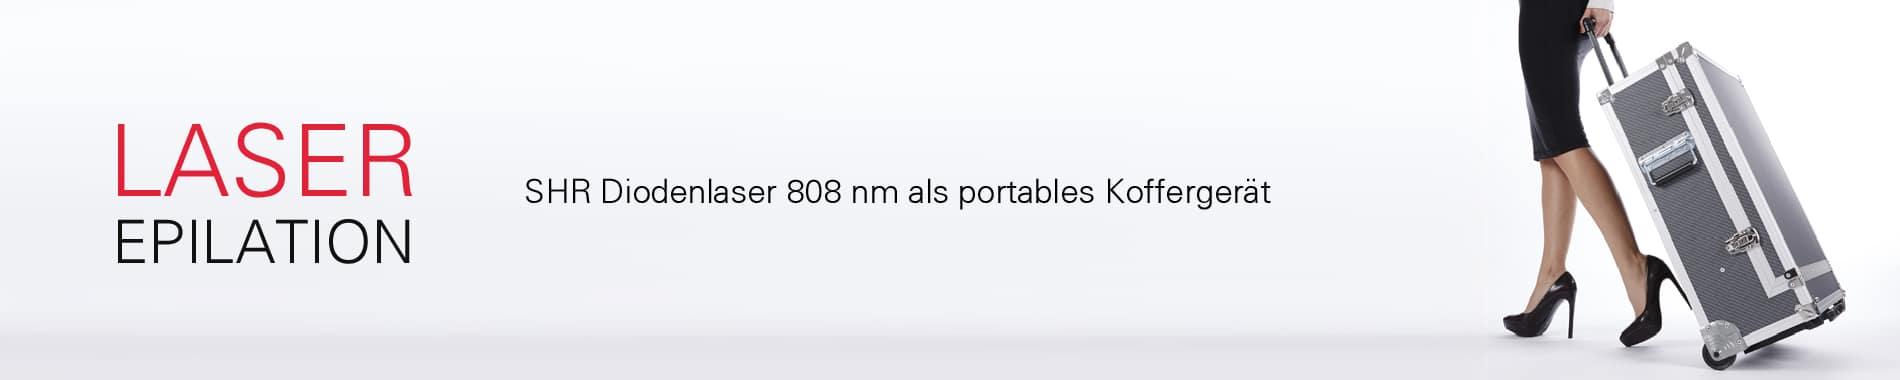 SHR Diodenlaser 808 nm mobiles Koffergerät dauerhafte Haarentfernung